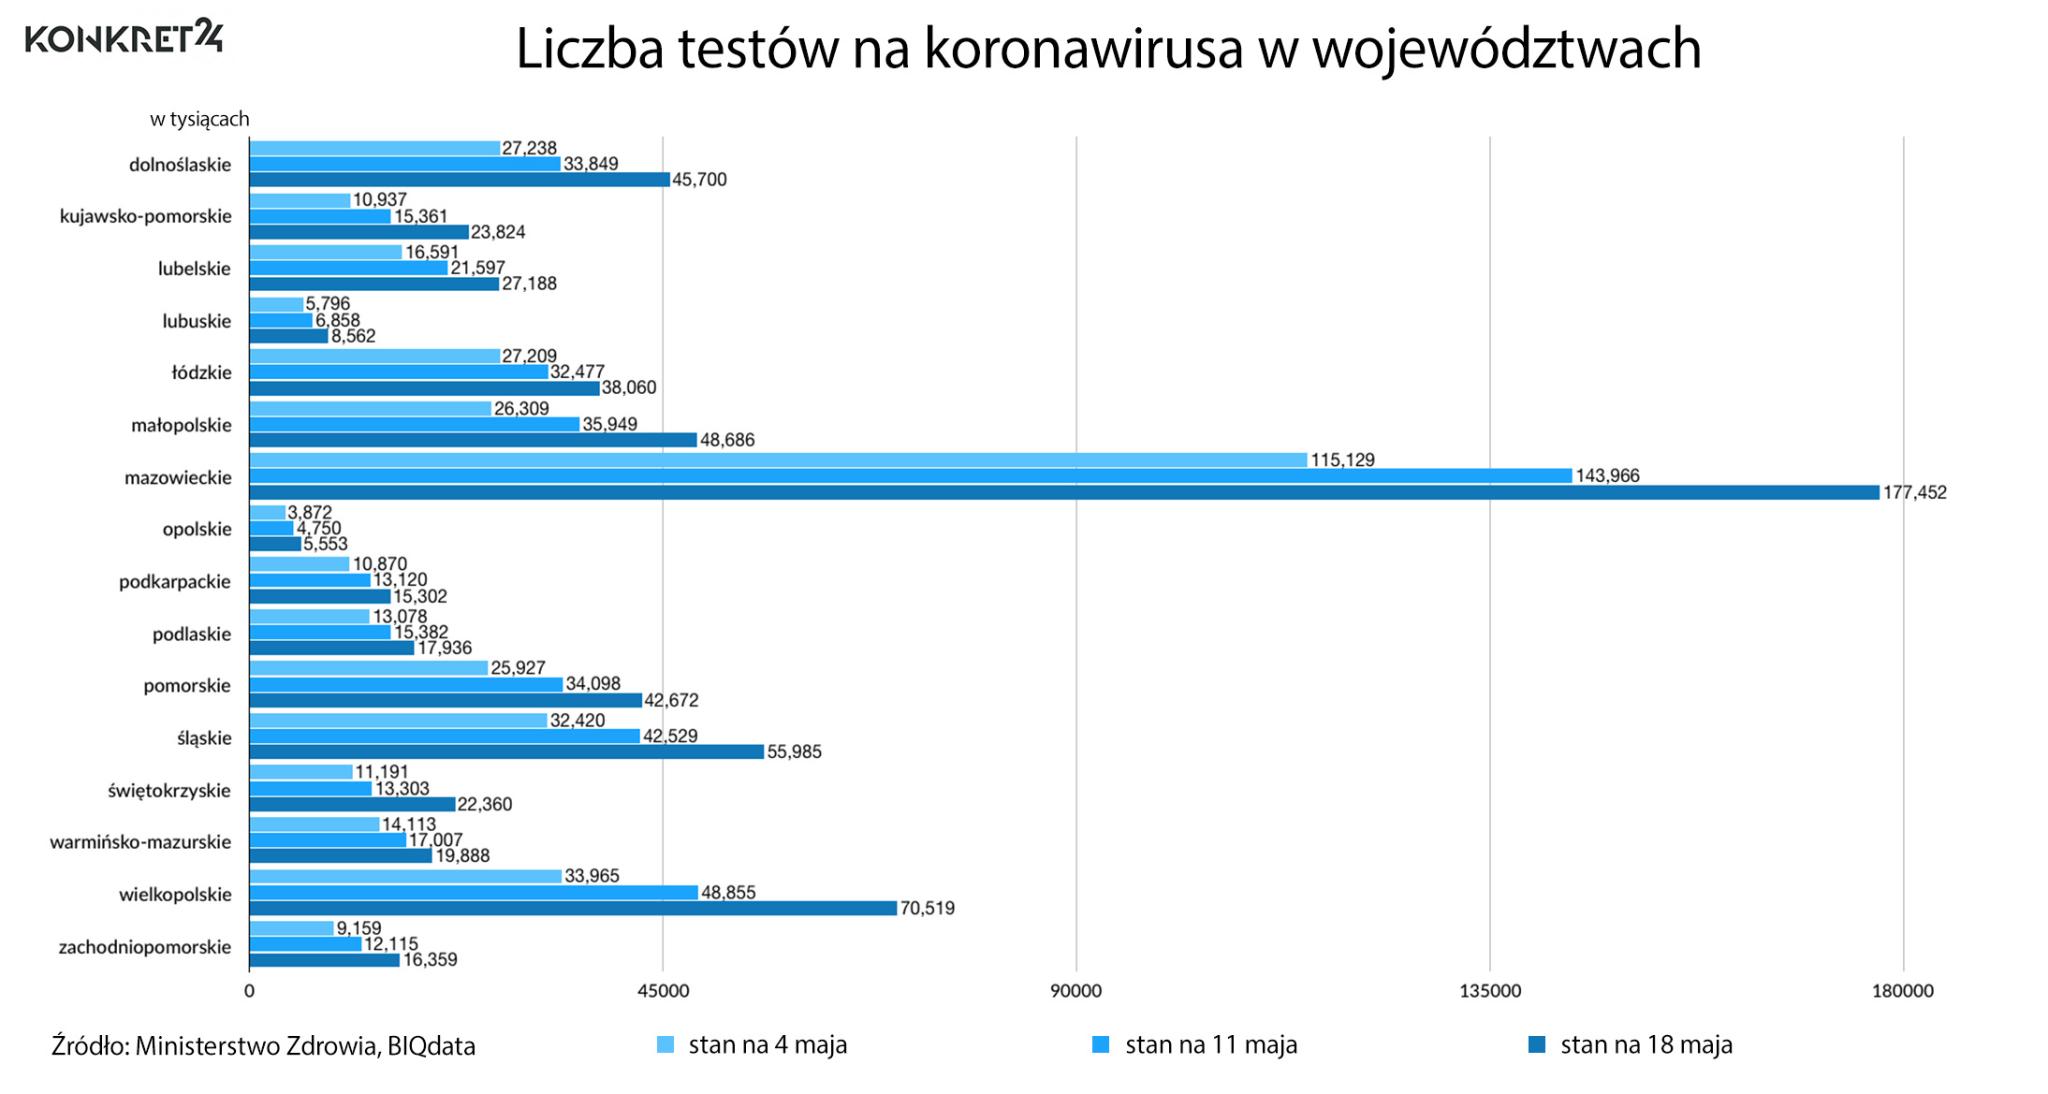 Liczba testów na koronawirusa w województwach